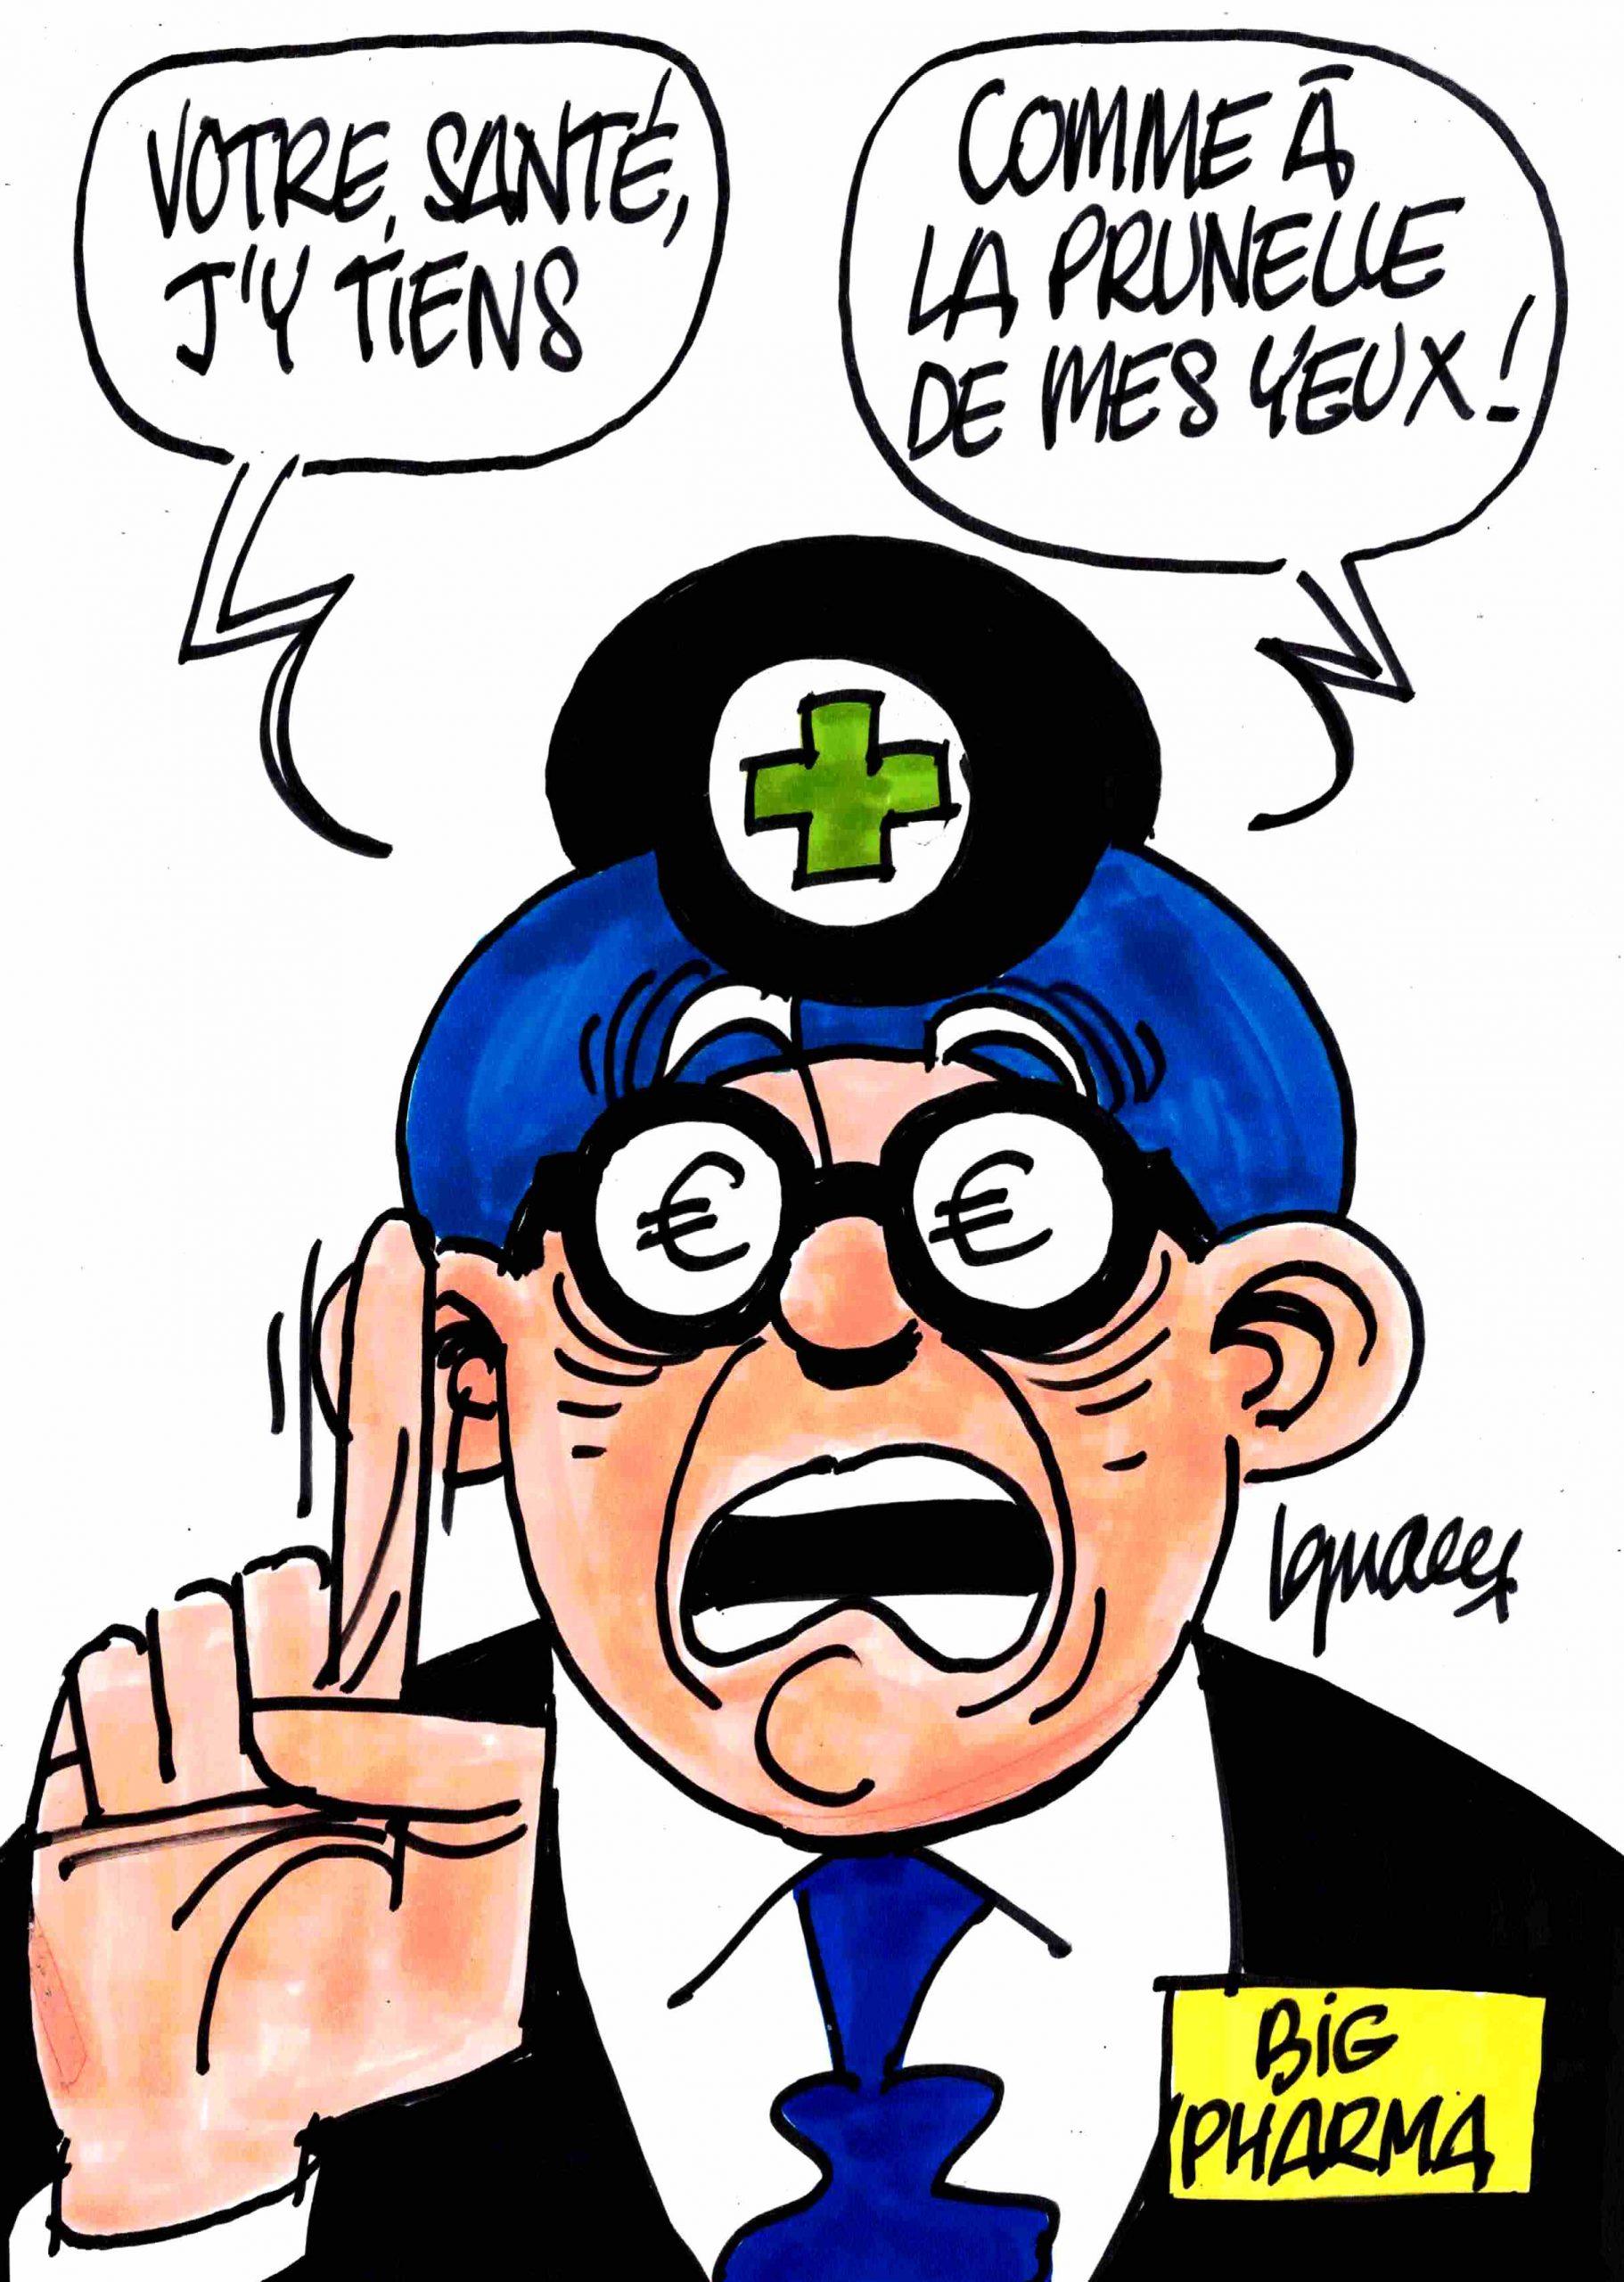 Ignace - Big Pharma tient à notre santé